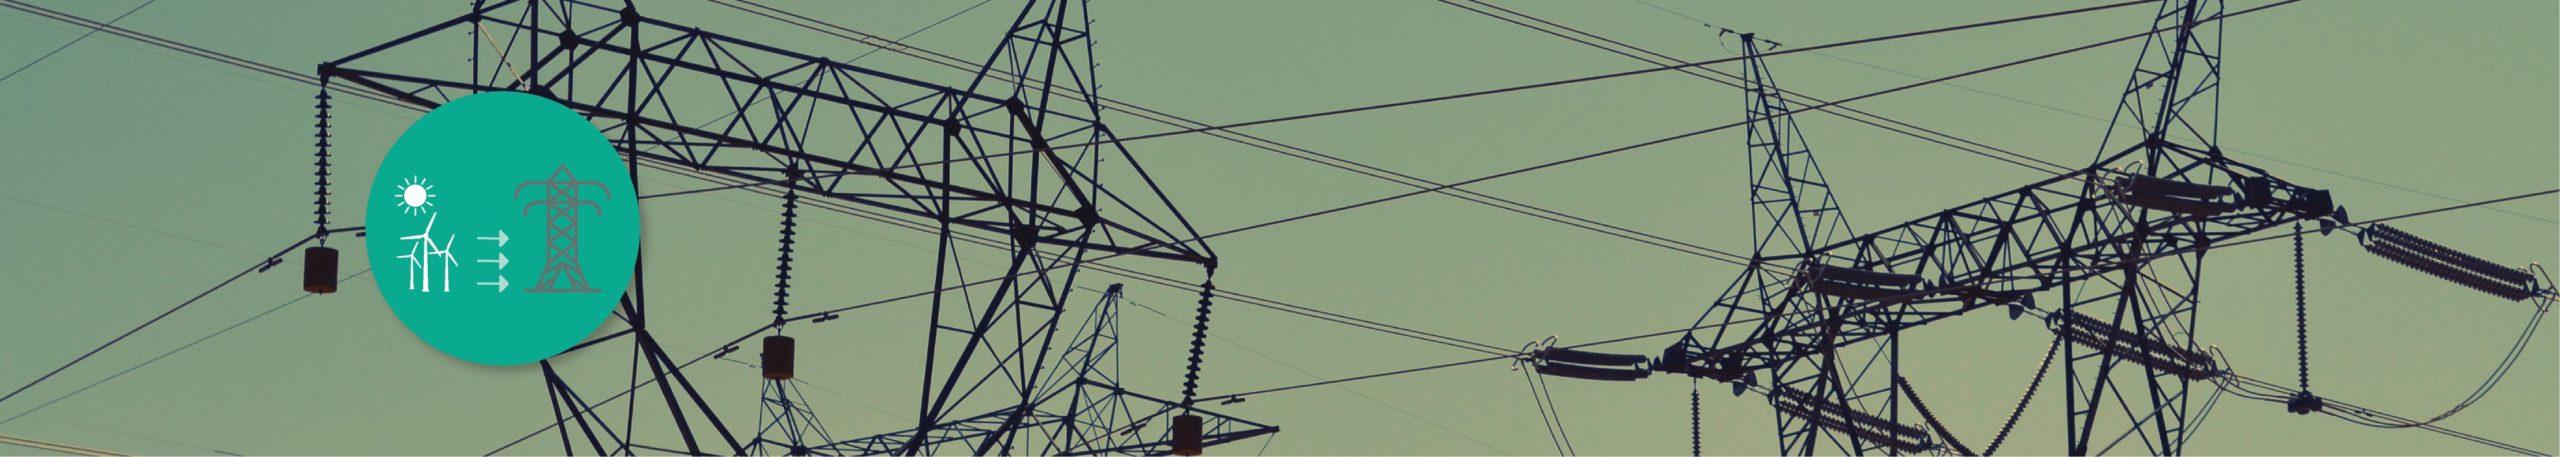 Energyhive